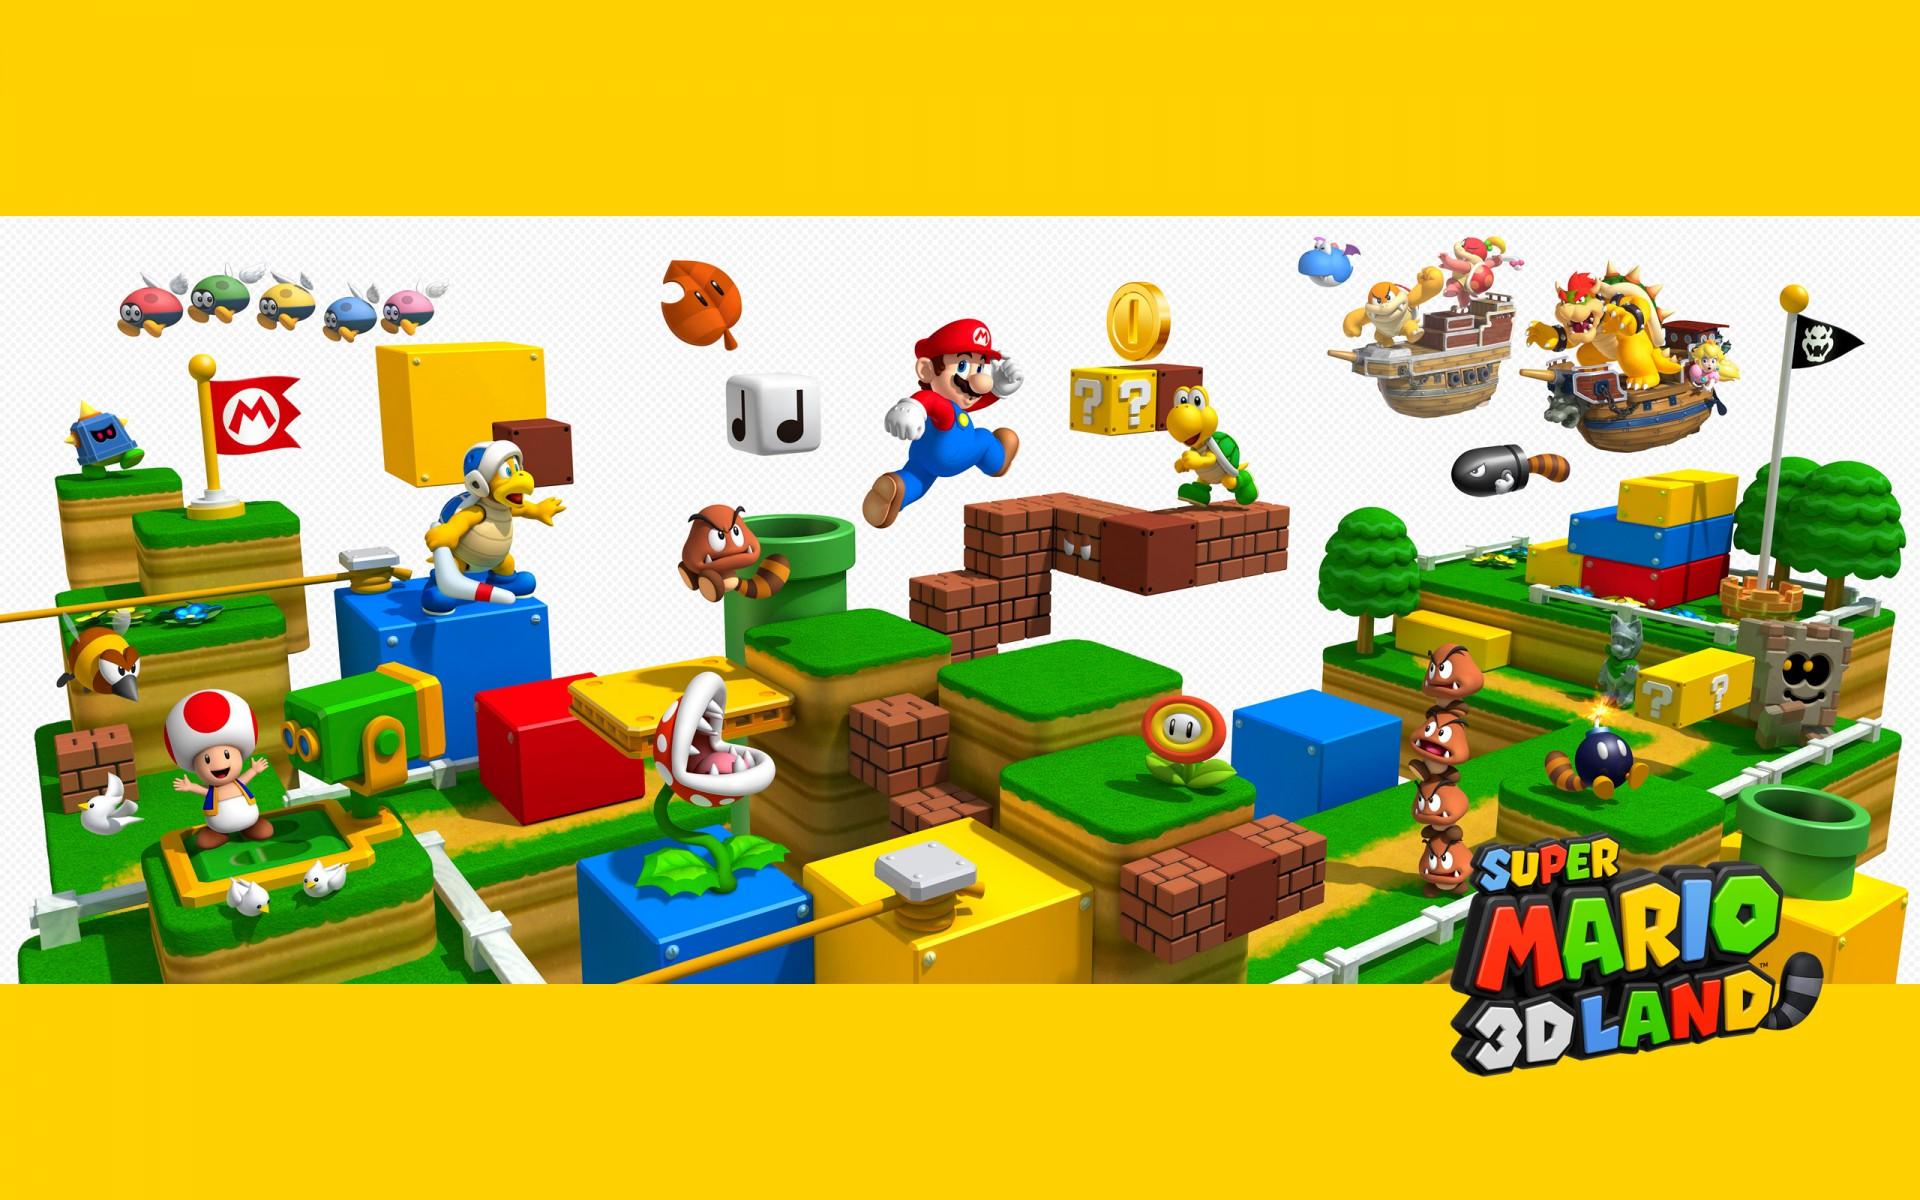 Super Mario 3D Land Fond D'écran HD